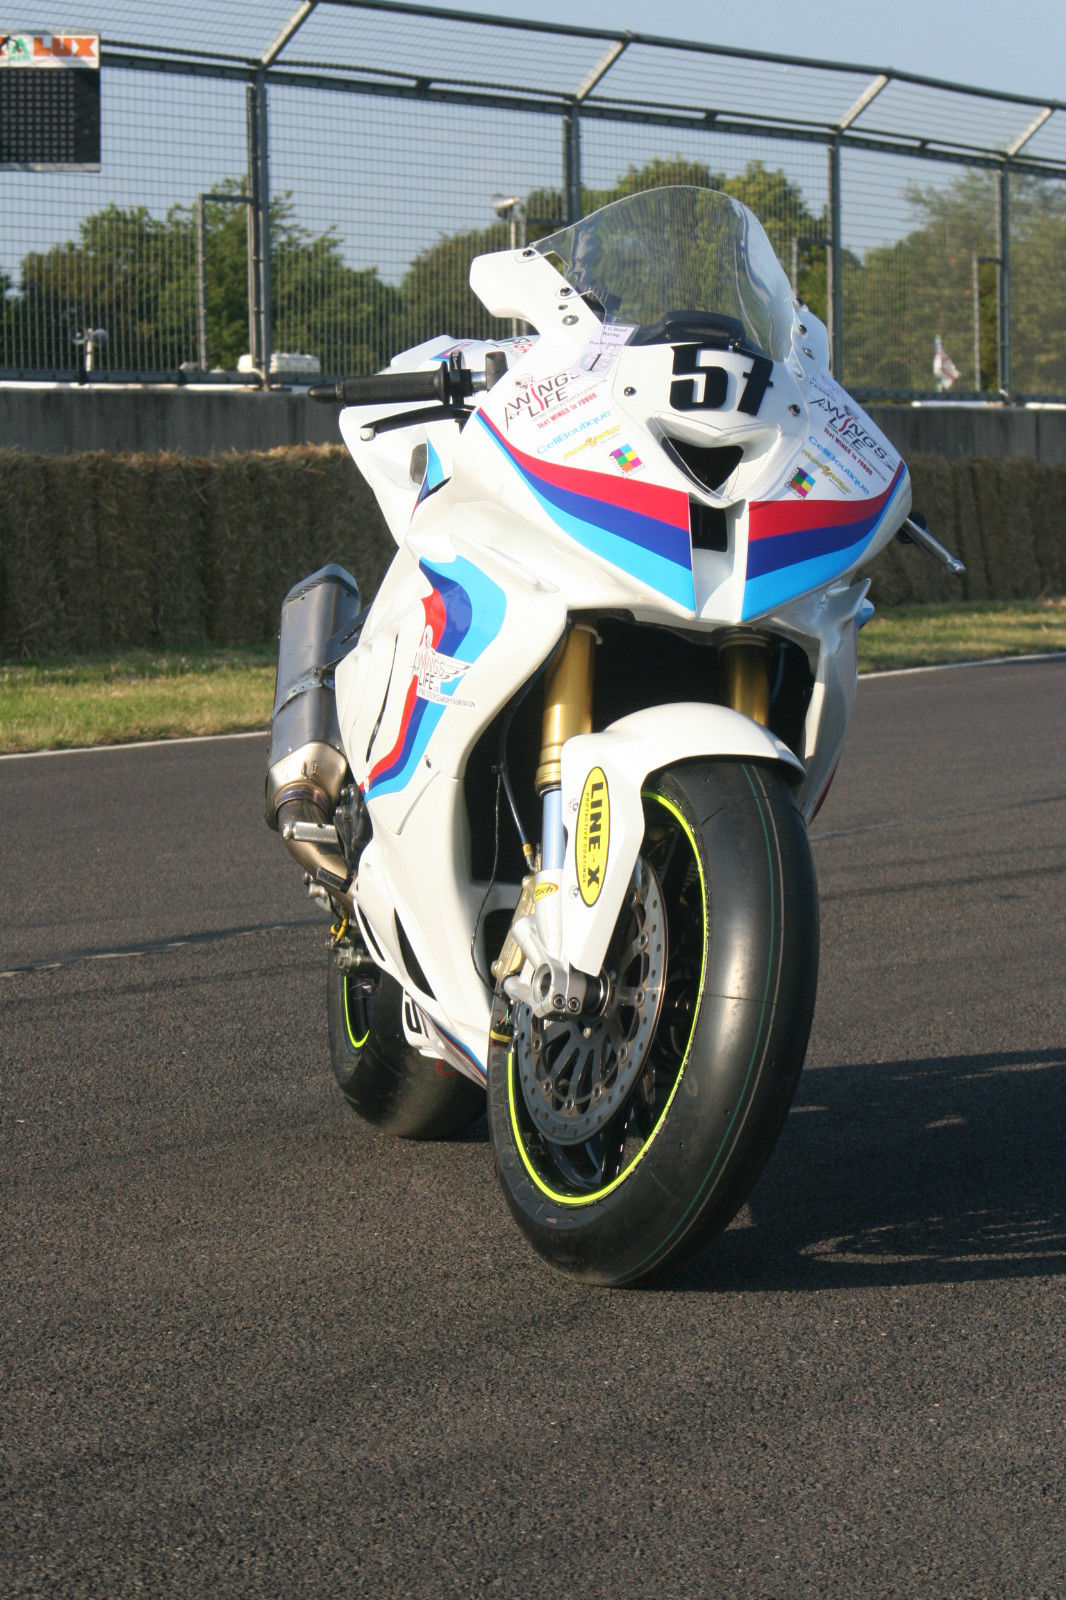 BMW S1000RR Super Bike Race bike Track bike